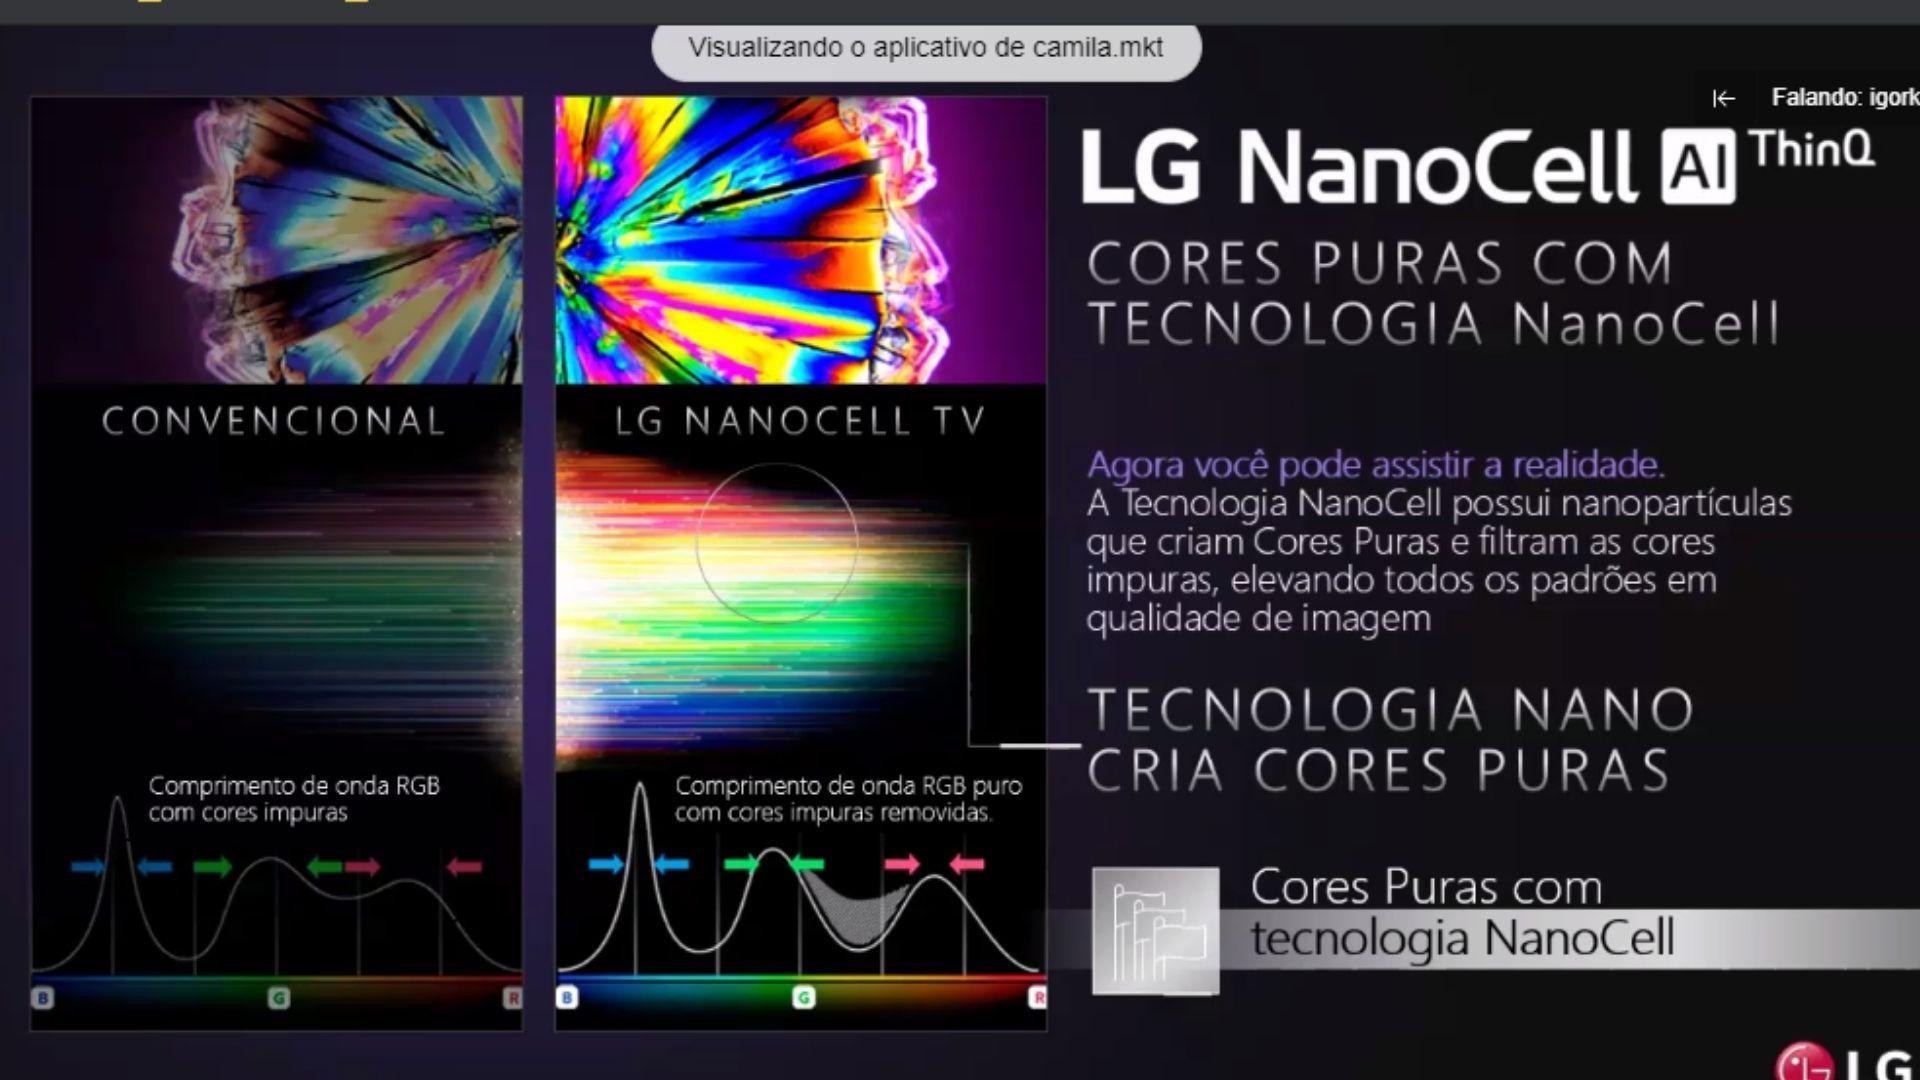 Tecnologia NanoCell entrega uma gama de cores mais puras. (Imagem: Reprodução/LG)